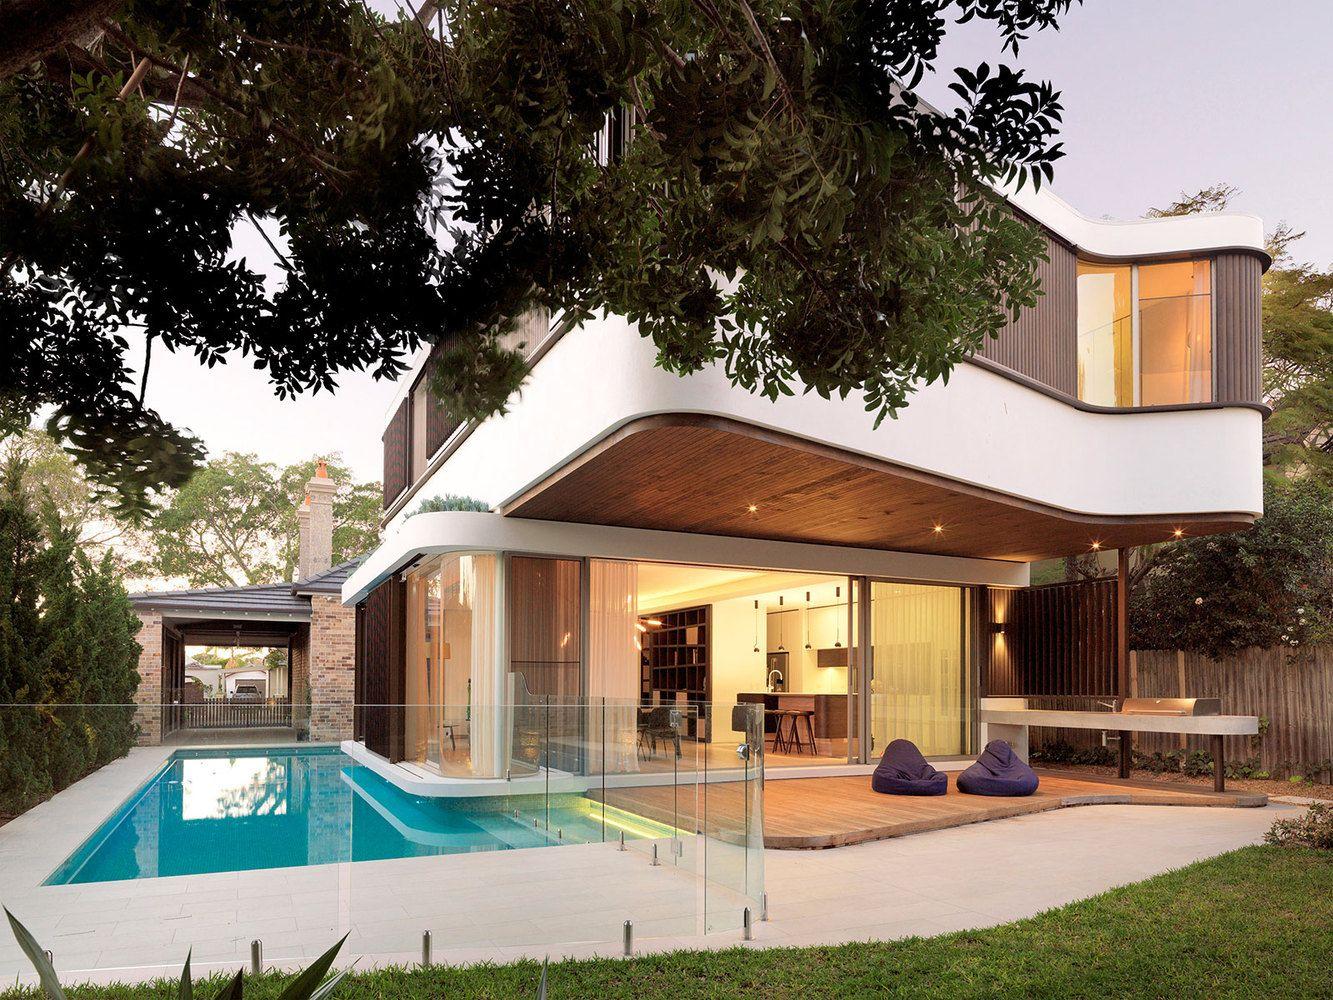 Galería de La casa de la piscina / Luigi Rosselli Architects - 14 ...